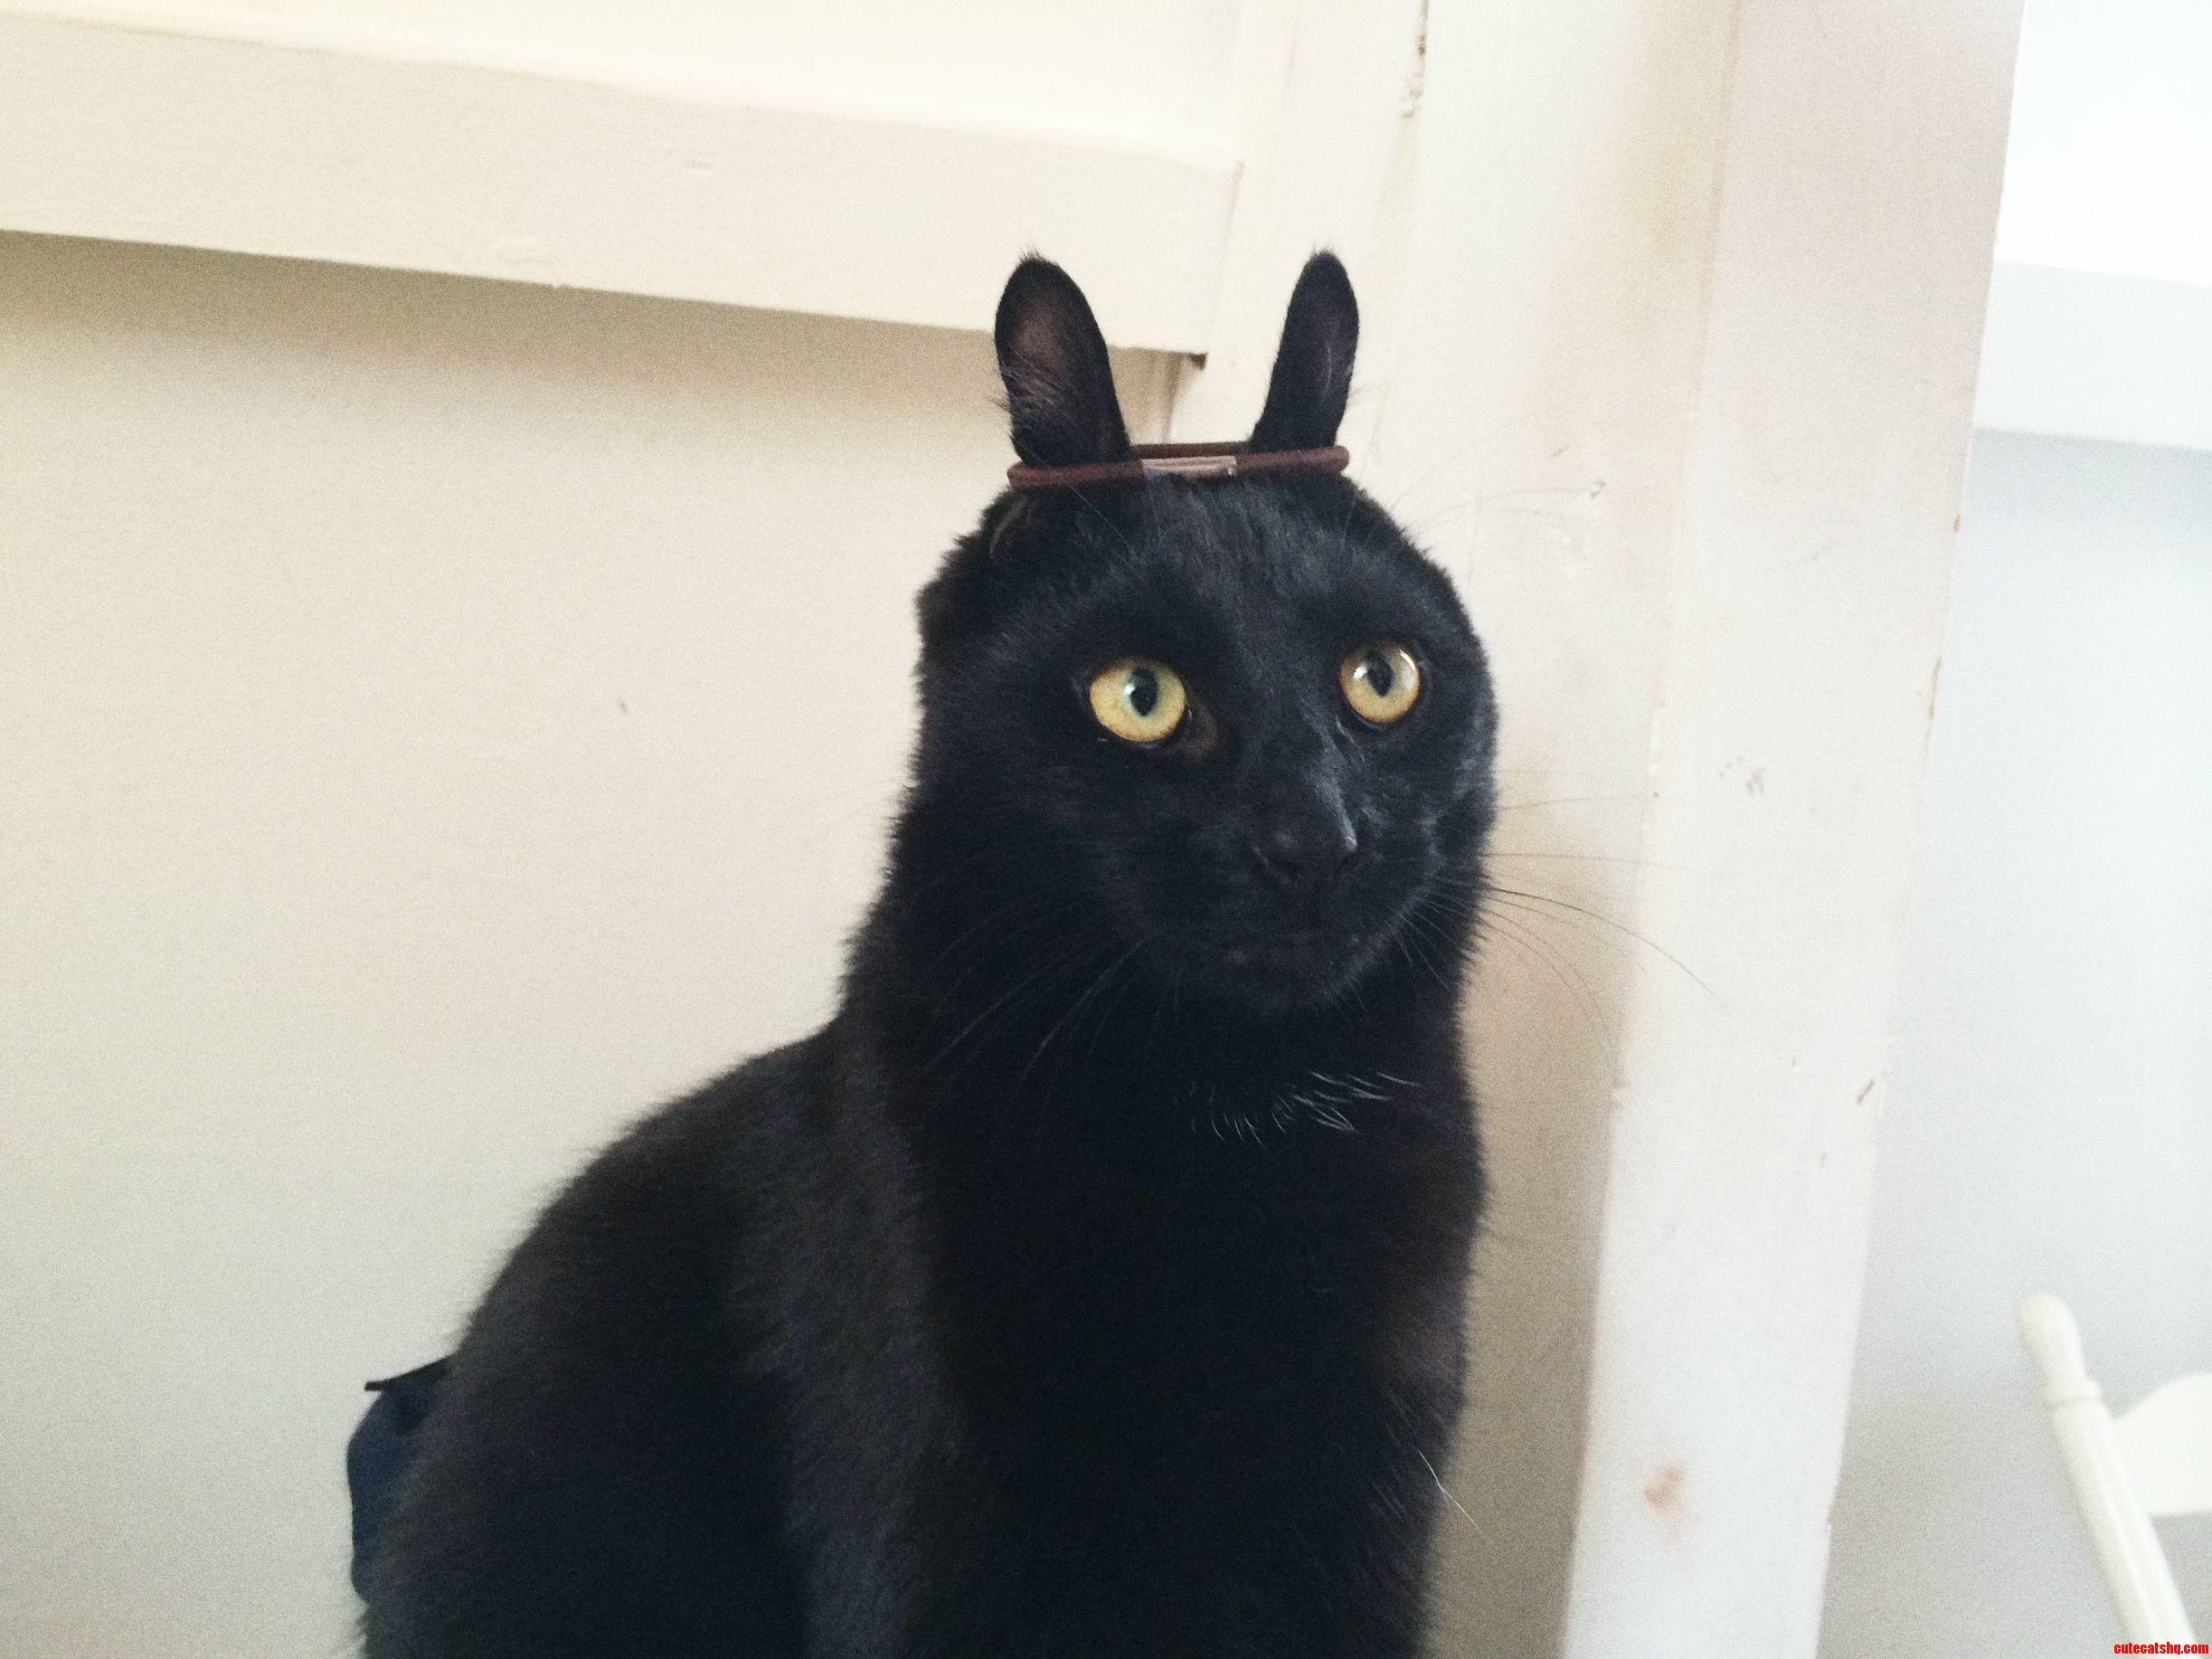 Йога, черный кот картинки прикольные смешные